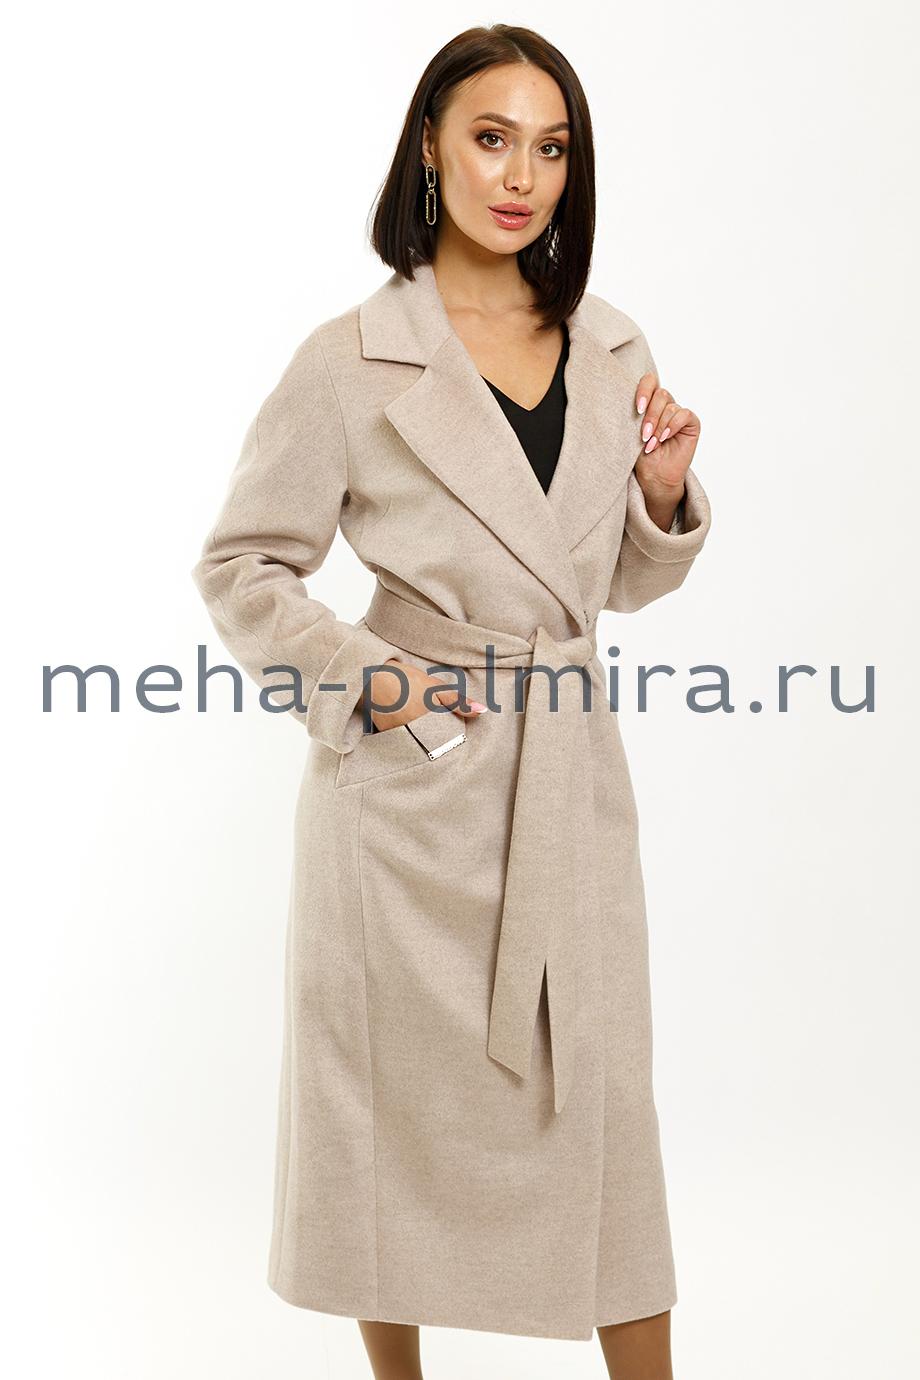 Женское пальто в цвете жемчуг с поясом